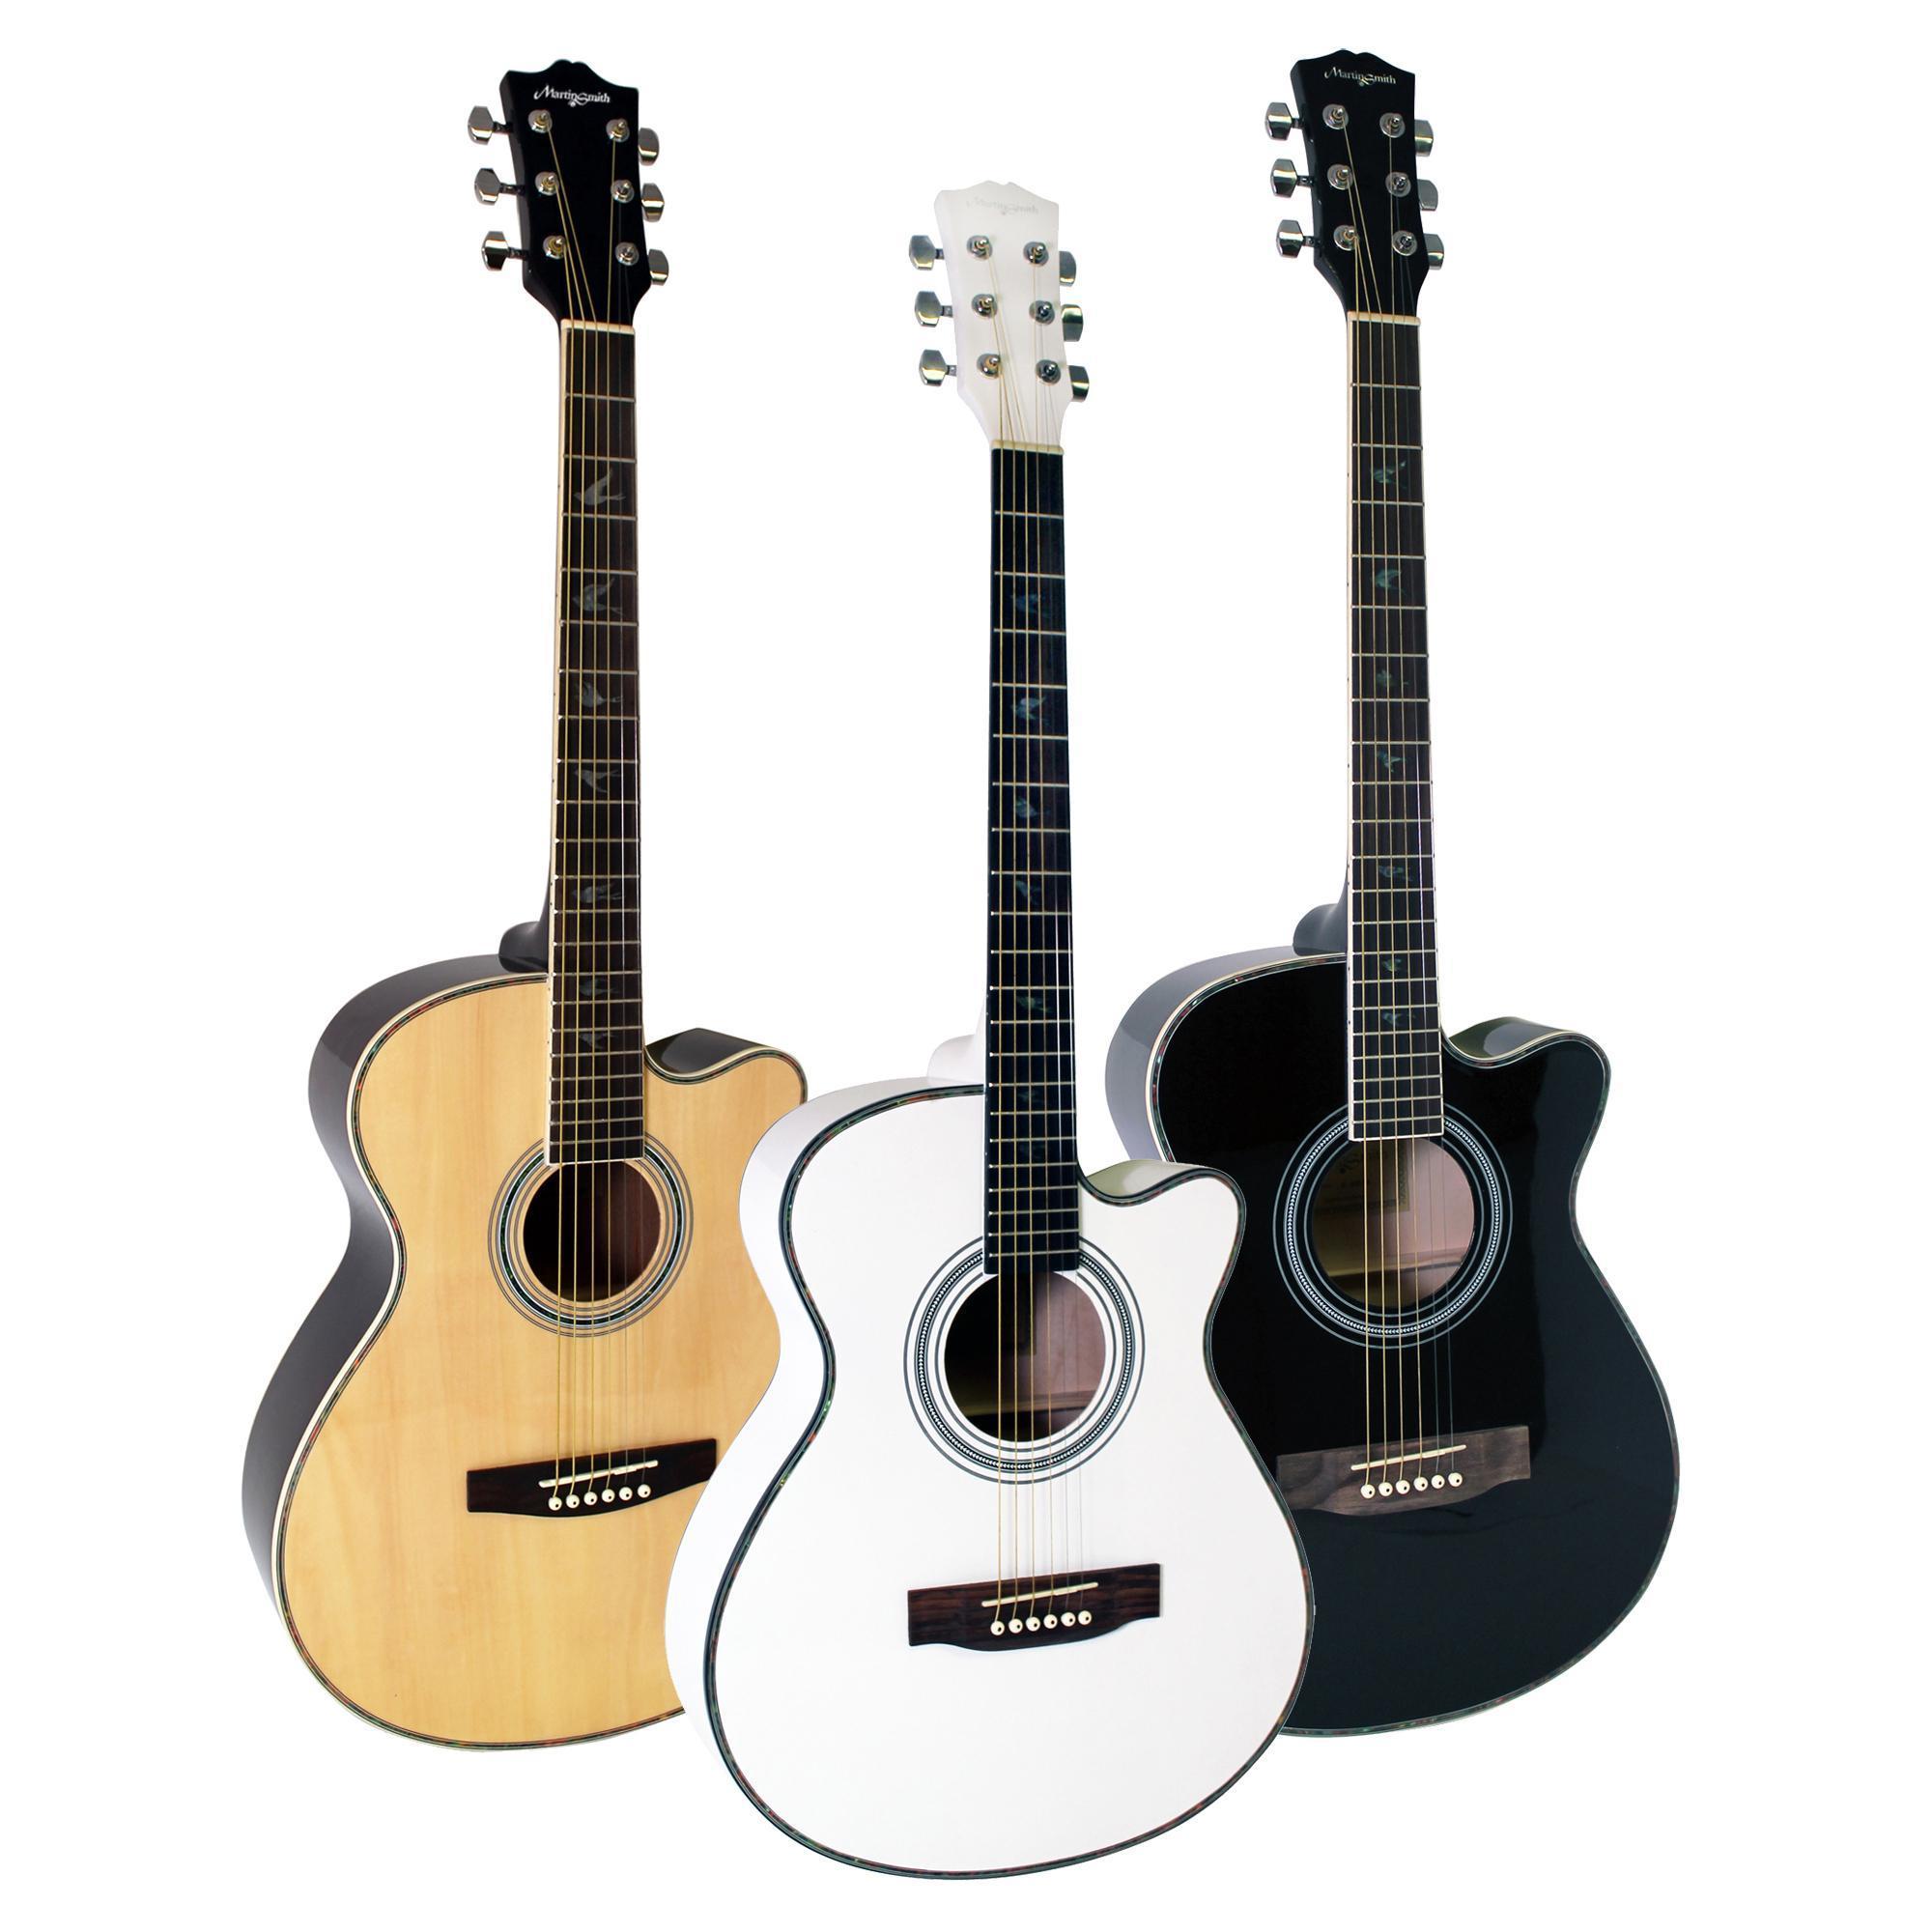 Martin Smith W-401E-BK Guitarra acústica eléctrica - color